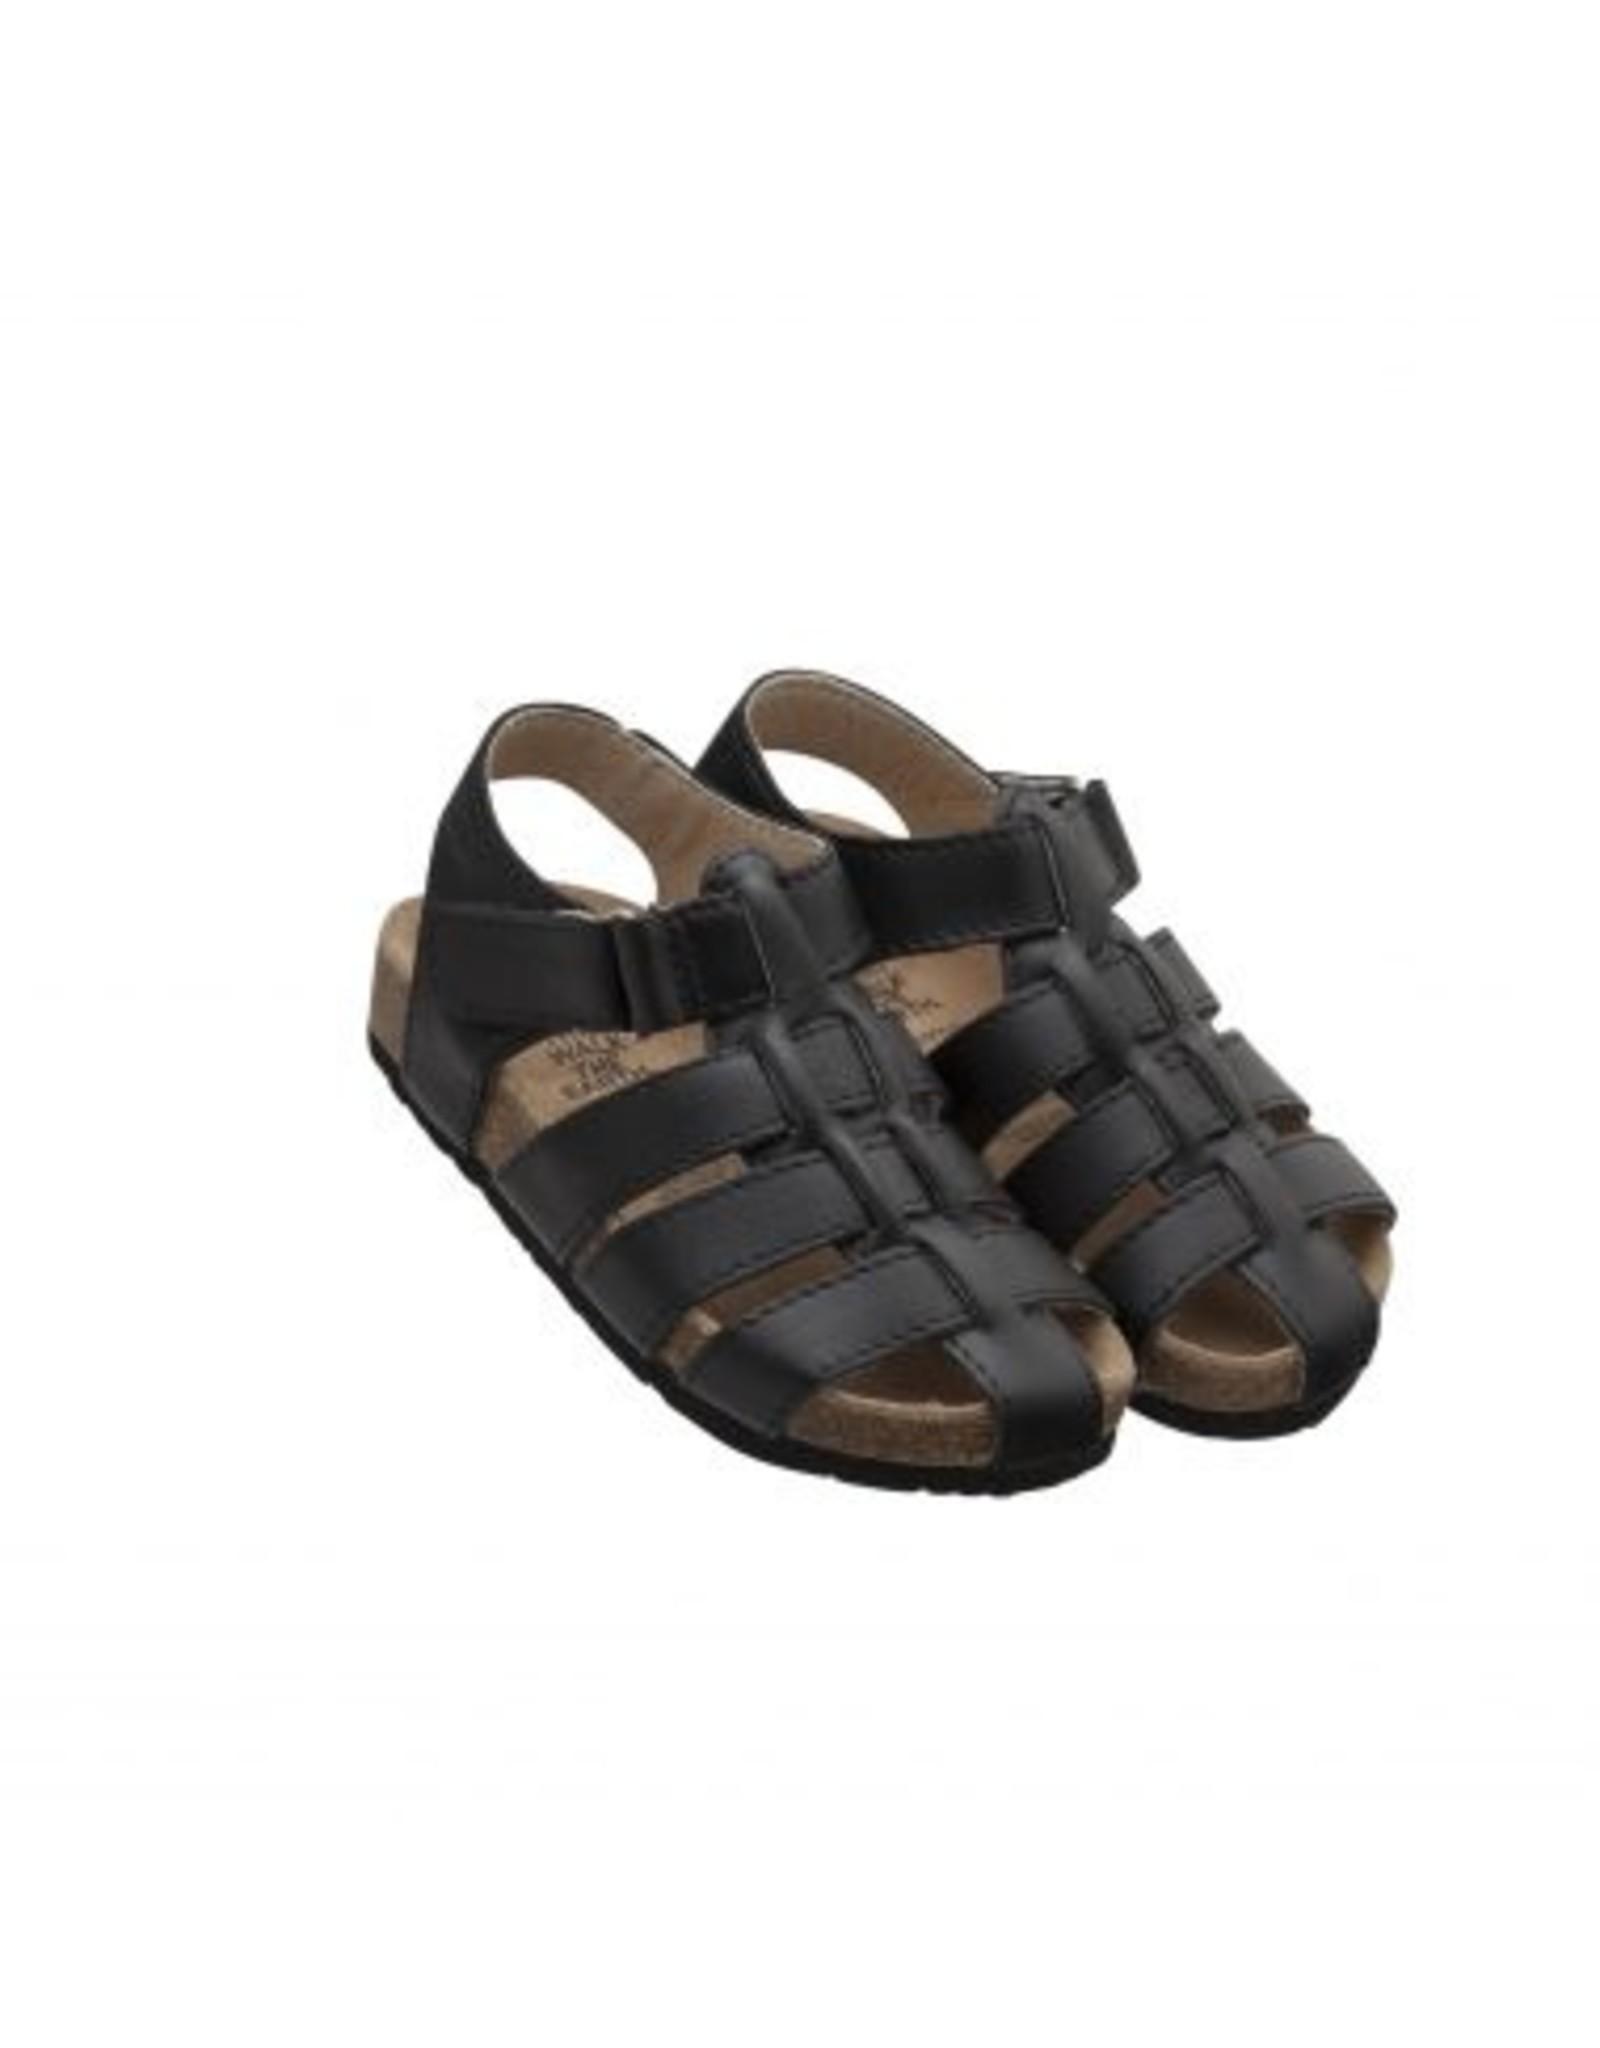 Oldsoles OLDSOLES Sandaal Roadstar - Black